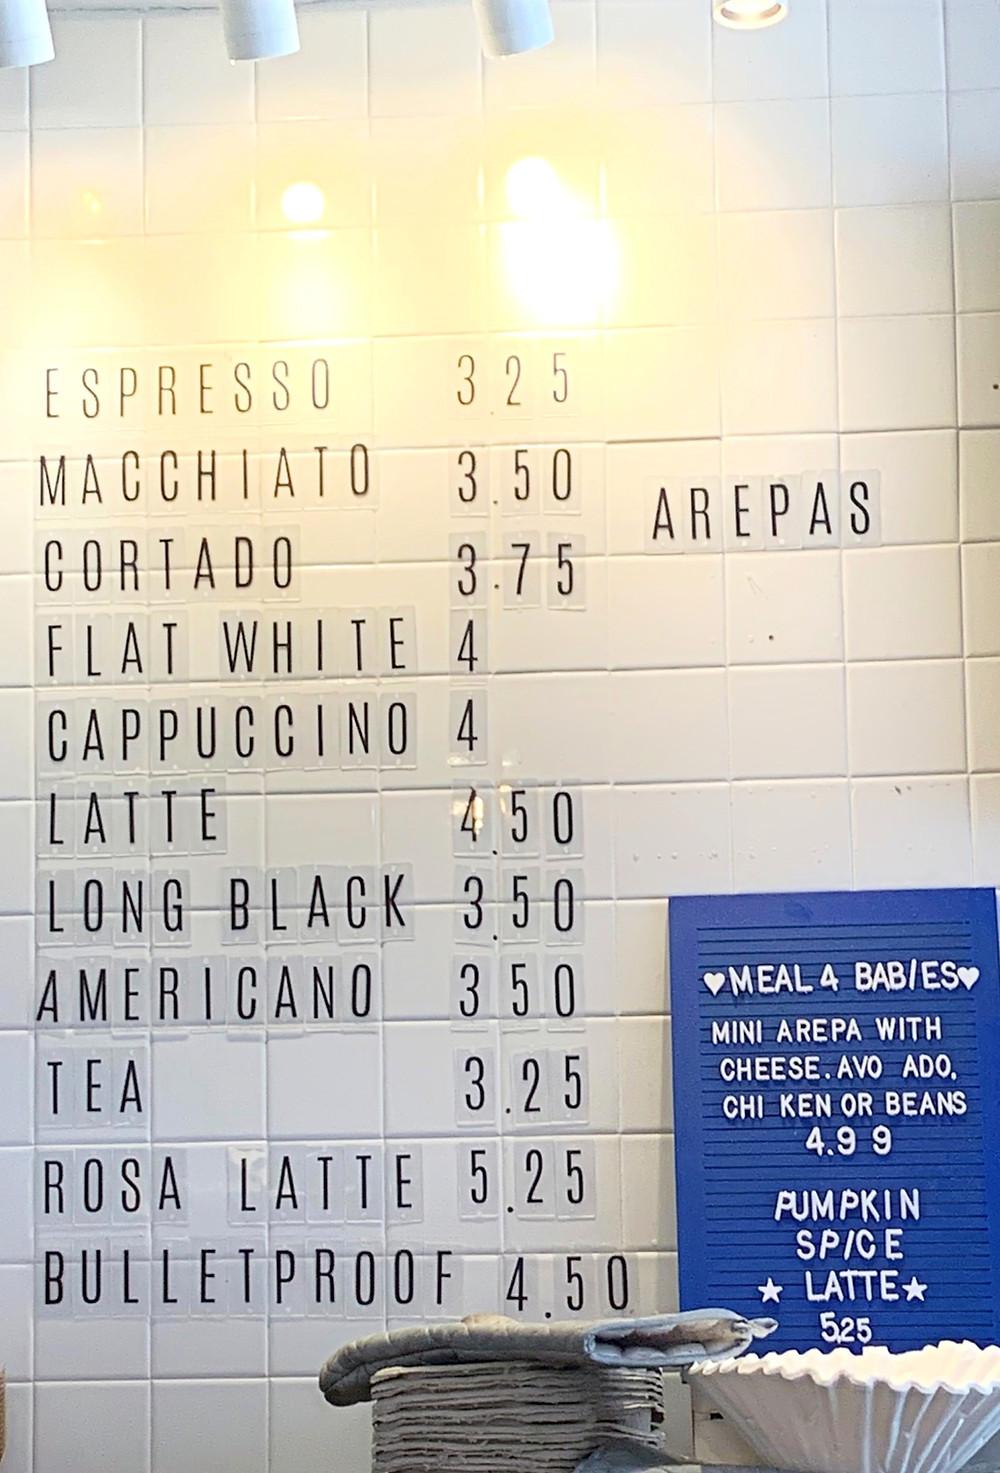 Pomarosa Coffee Shop Toronto menu with prices